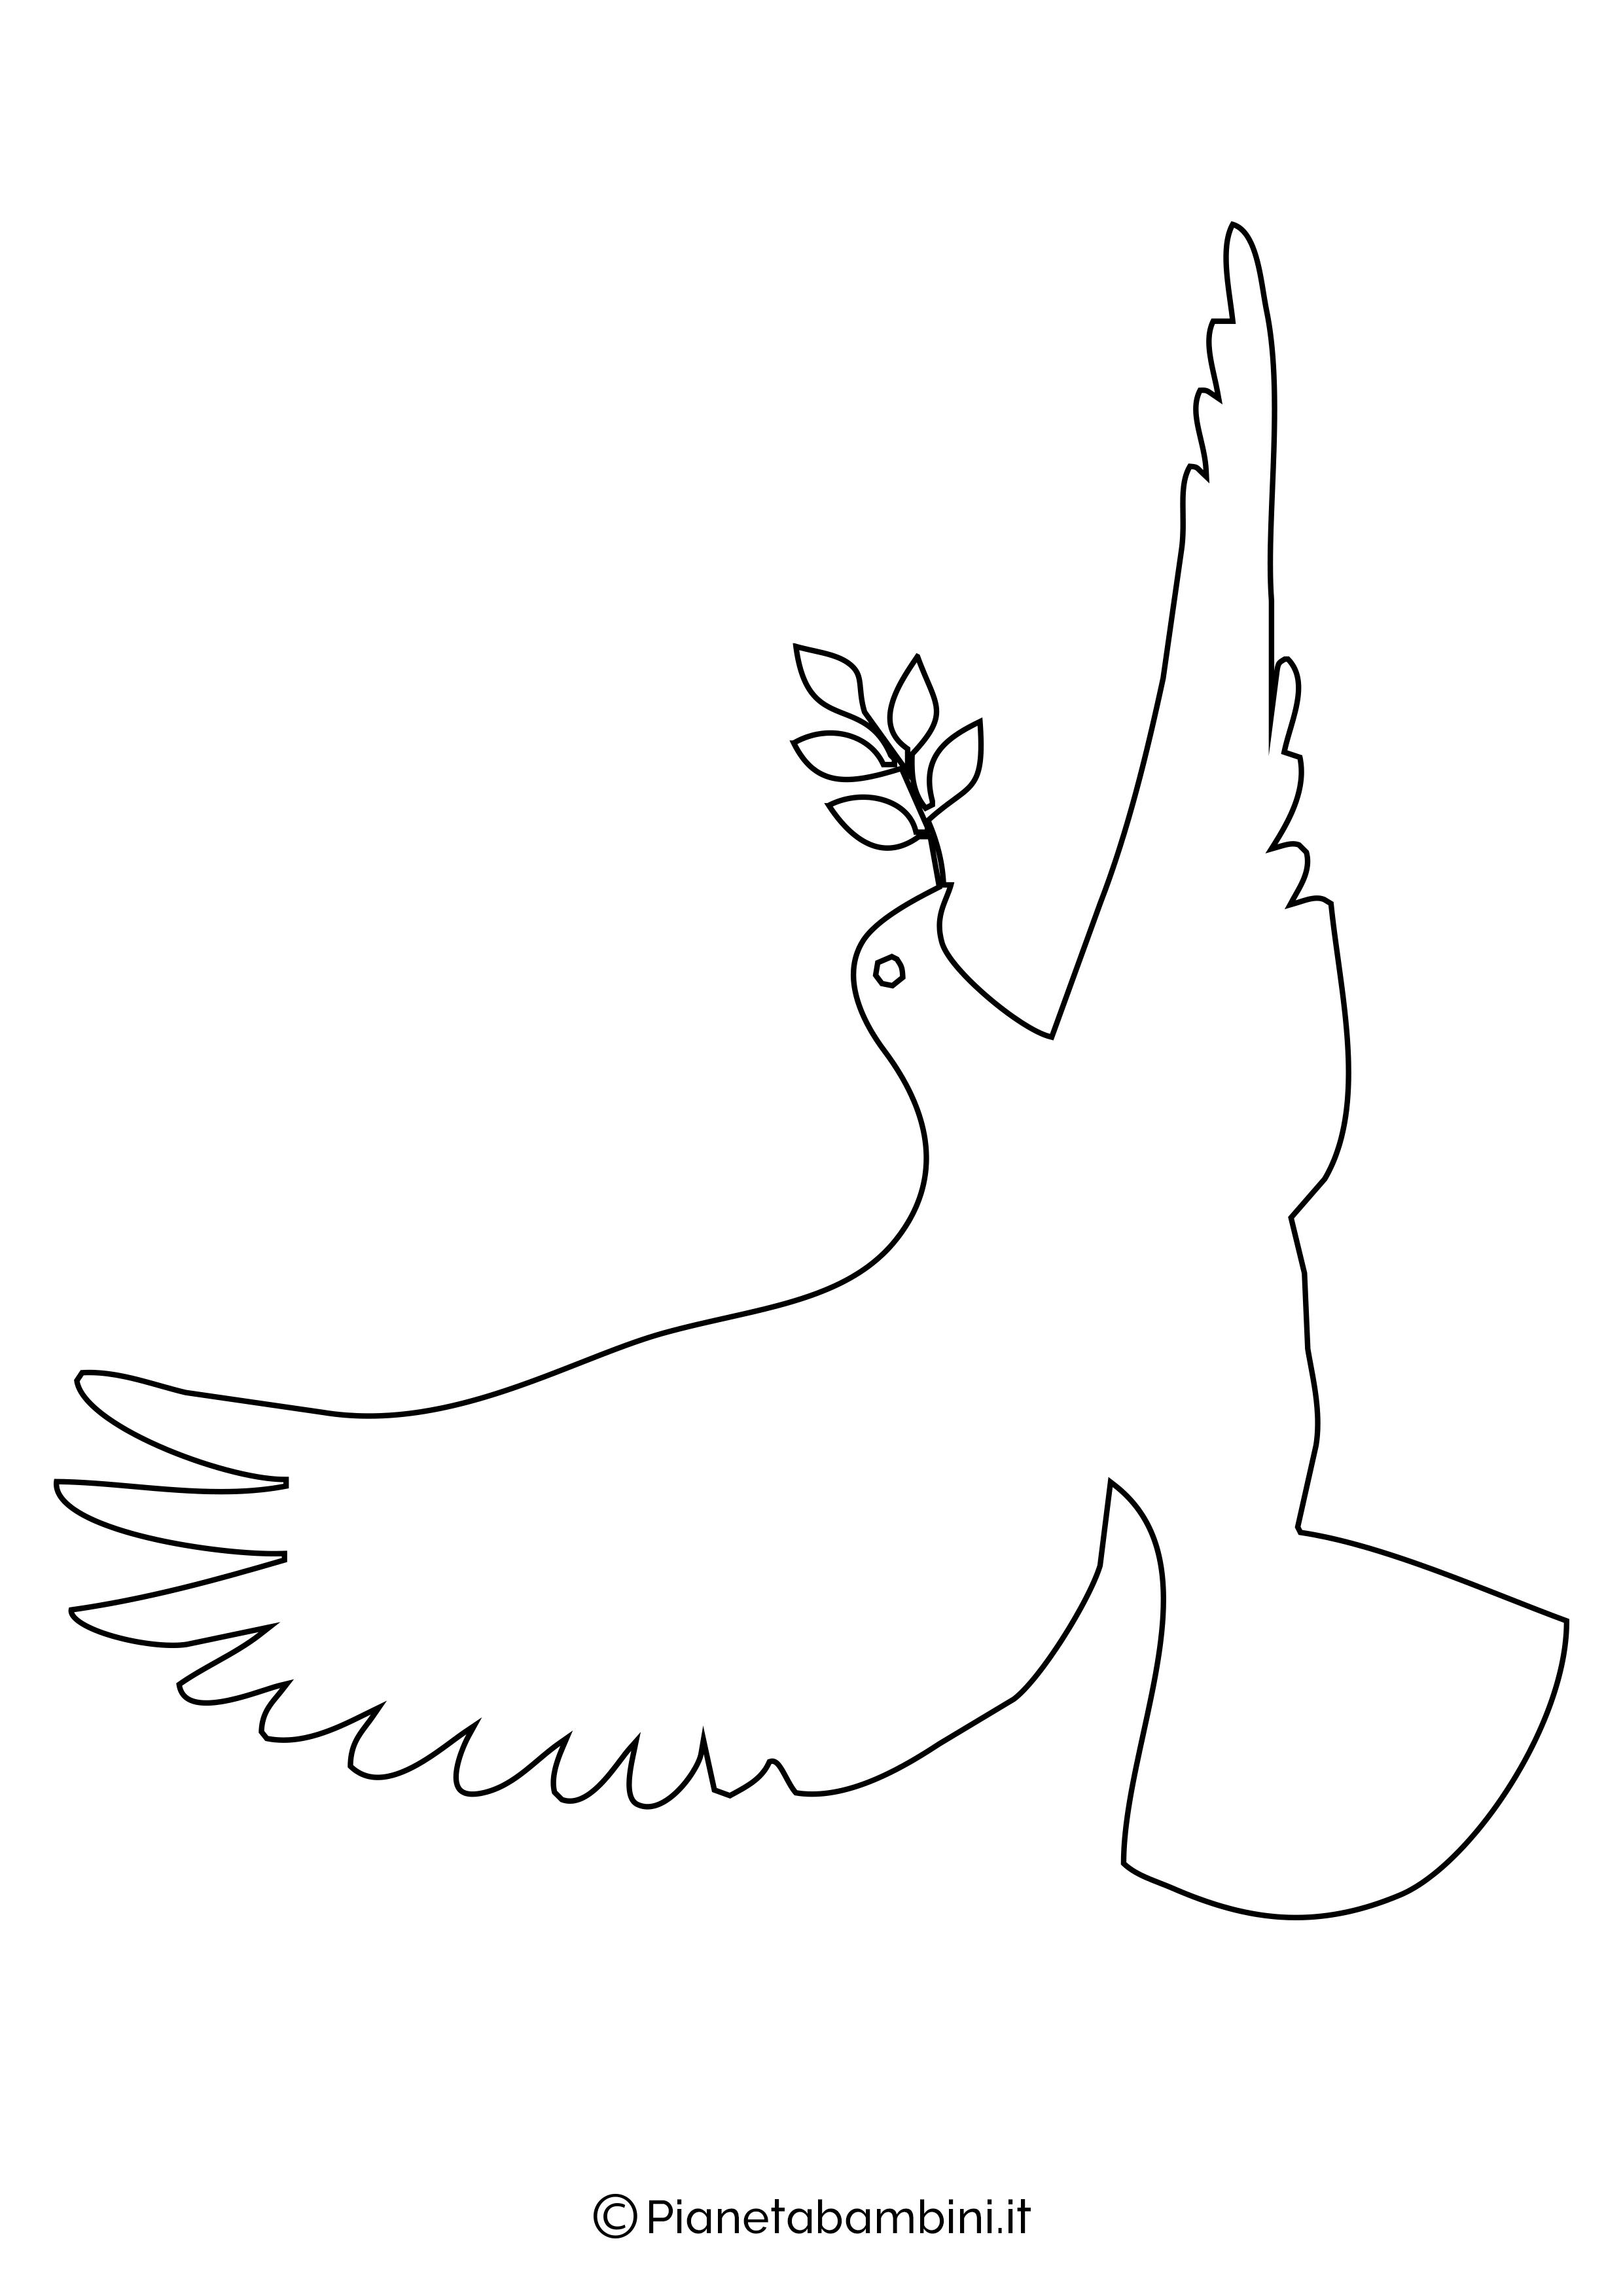 Disegni di colombe grandi 3